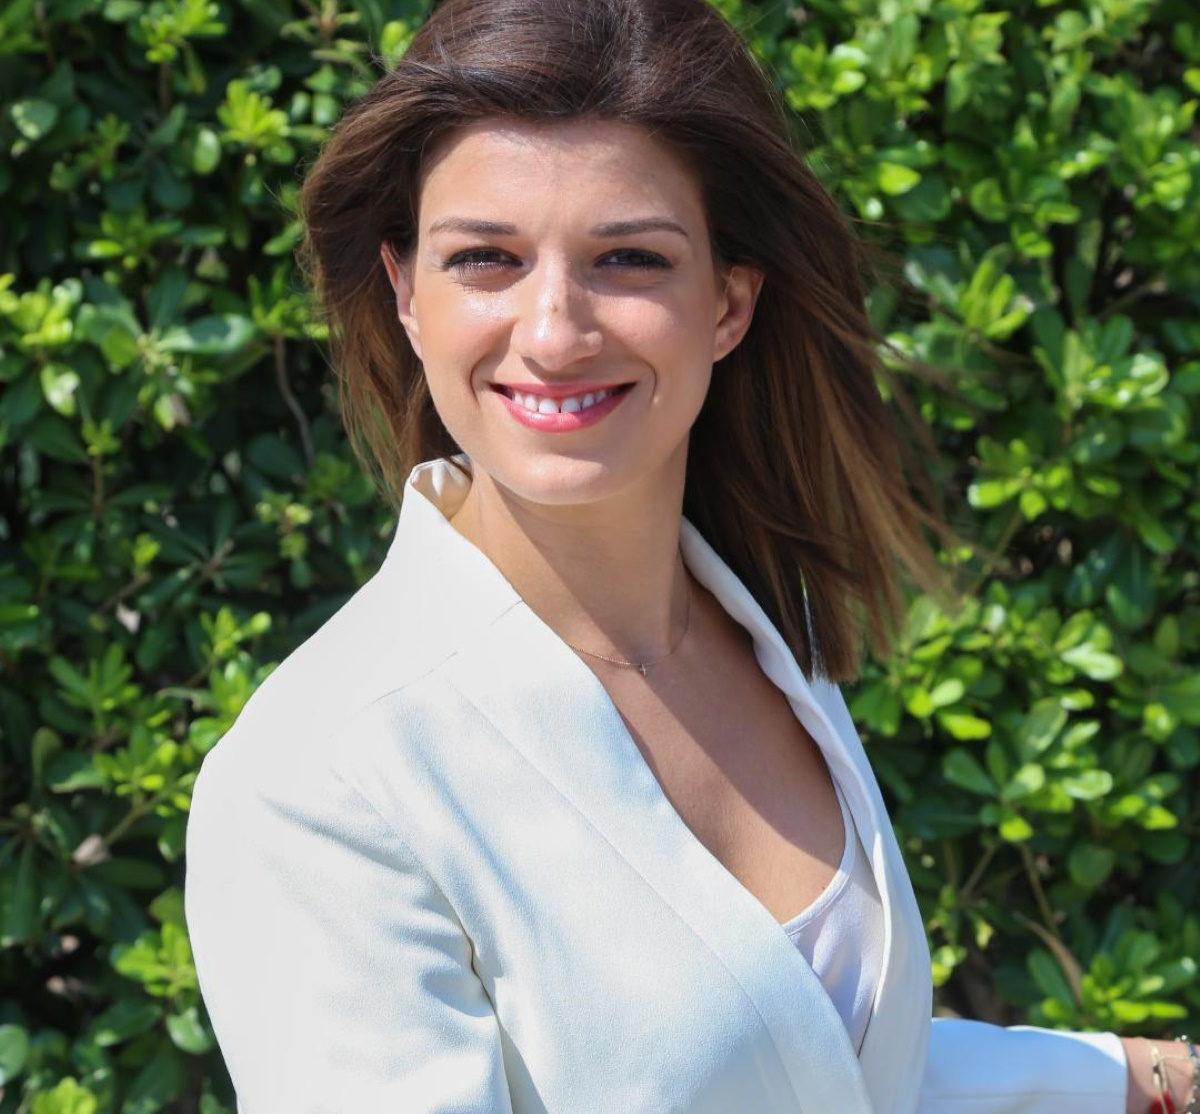 Κατερίνα Νοτοπούλου: «Έχασα σχεδόν ολοκληρωτικά την ακοή μου» – Το αυτοάνοσο που της άλλαξε τη ζωή | tlife.gr